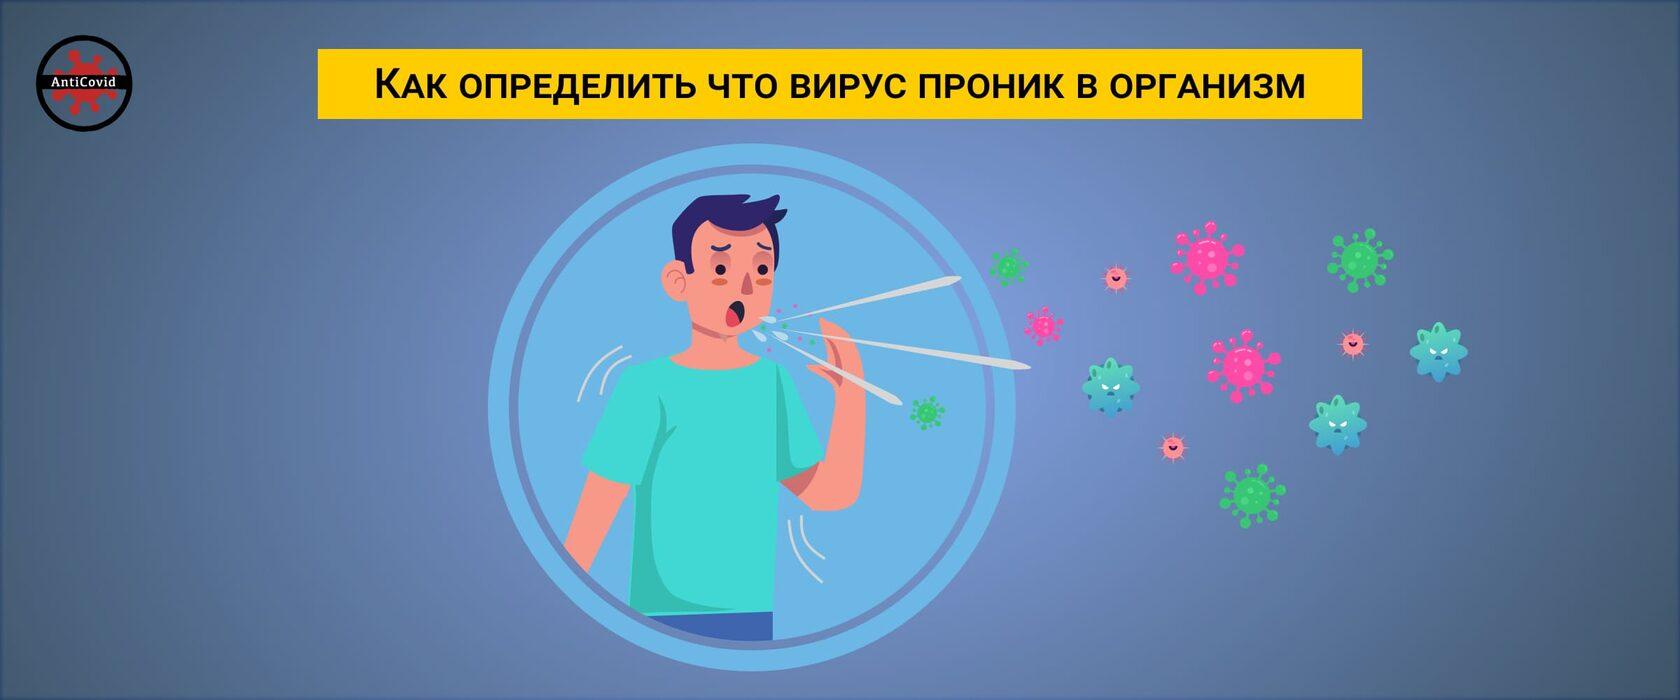 Как определить что вирус проник в организм